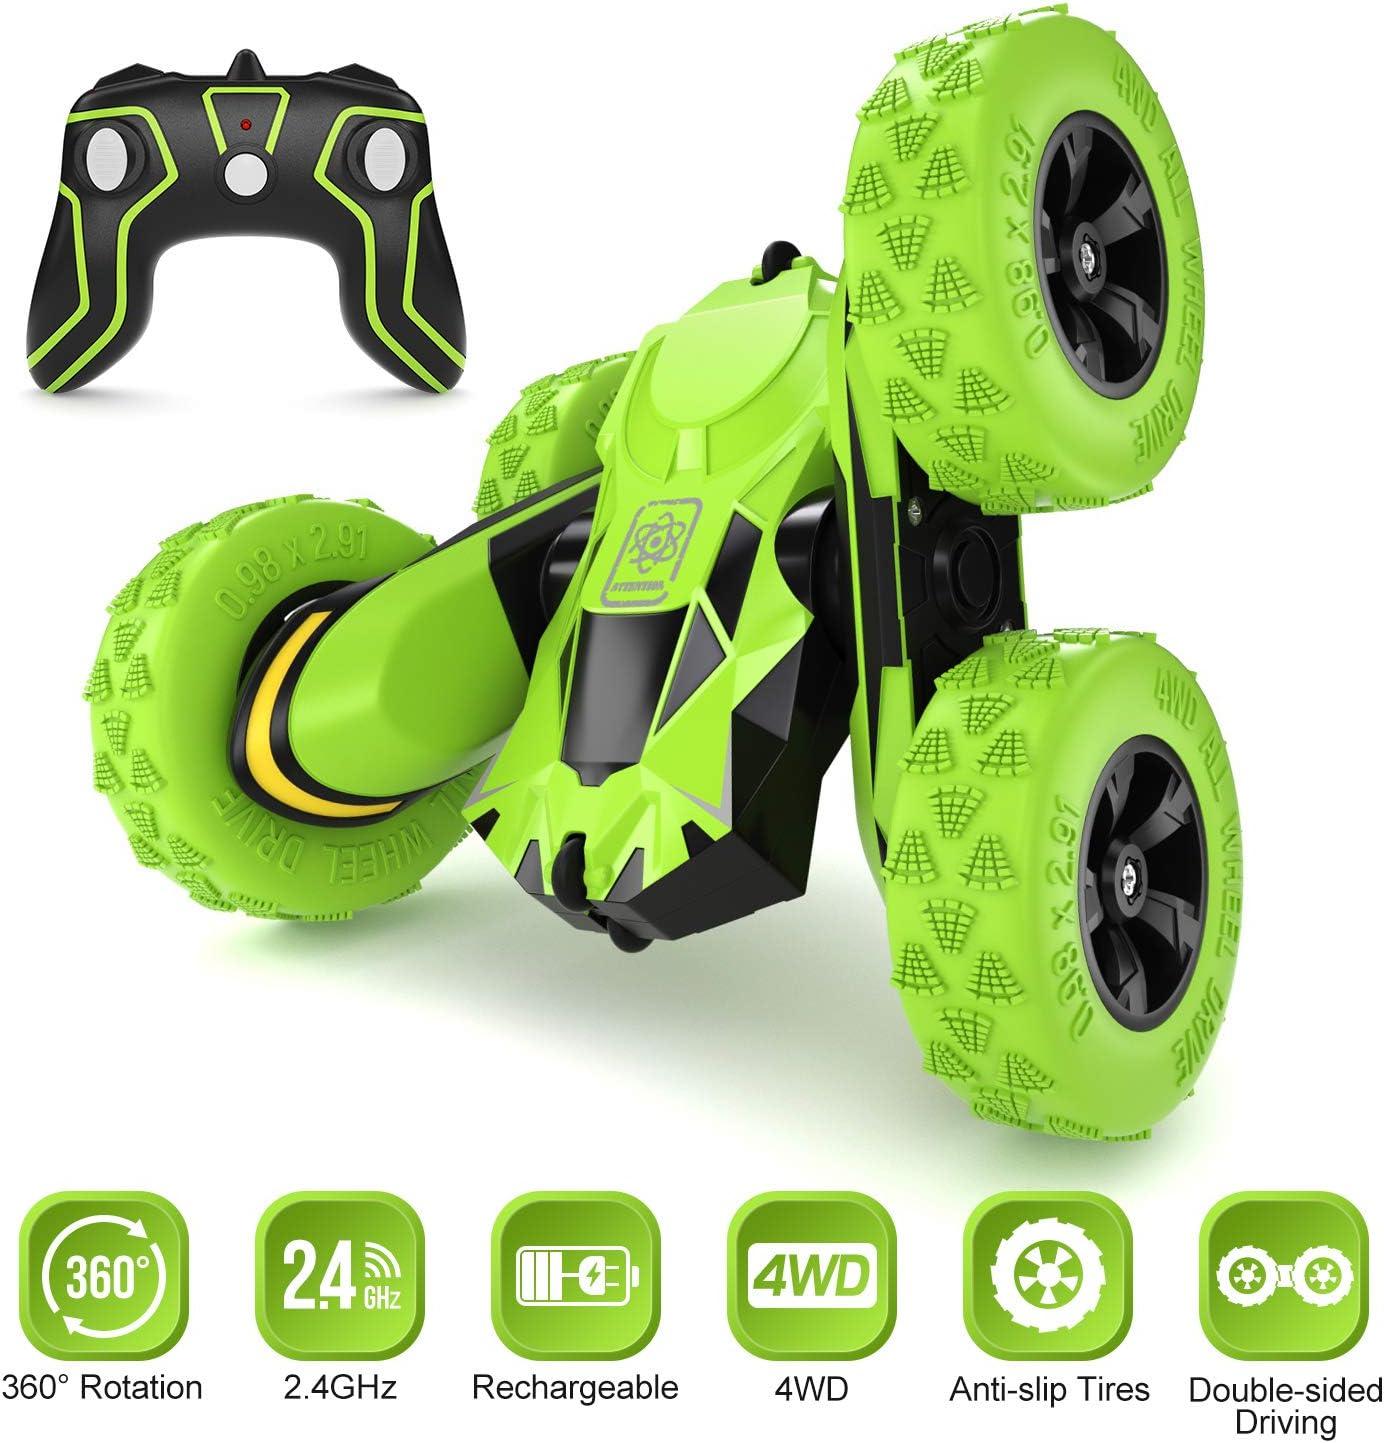 SGILE RC Stunt Car Toy